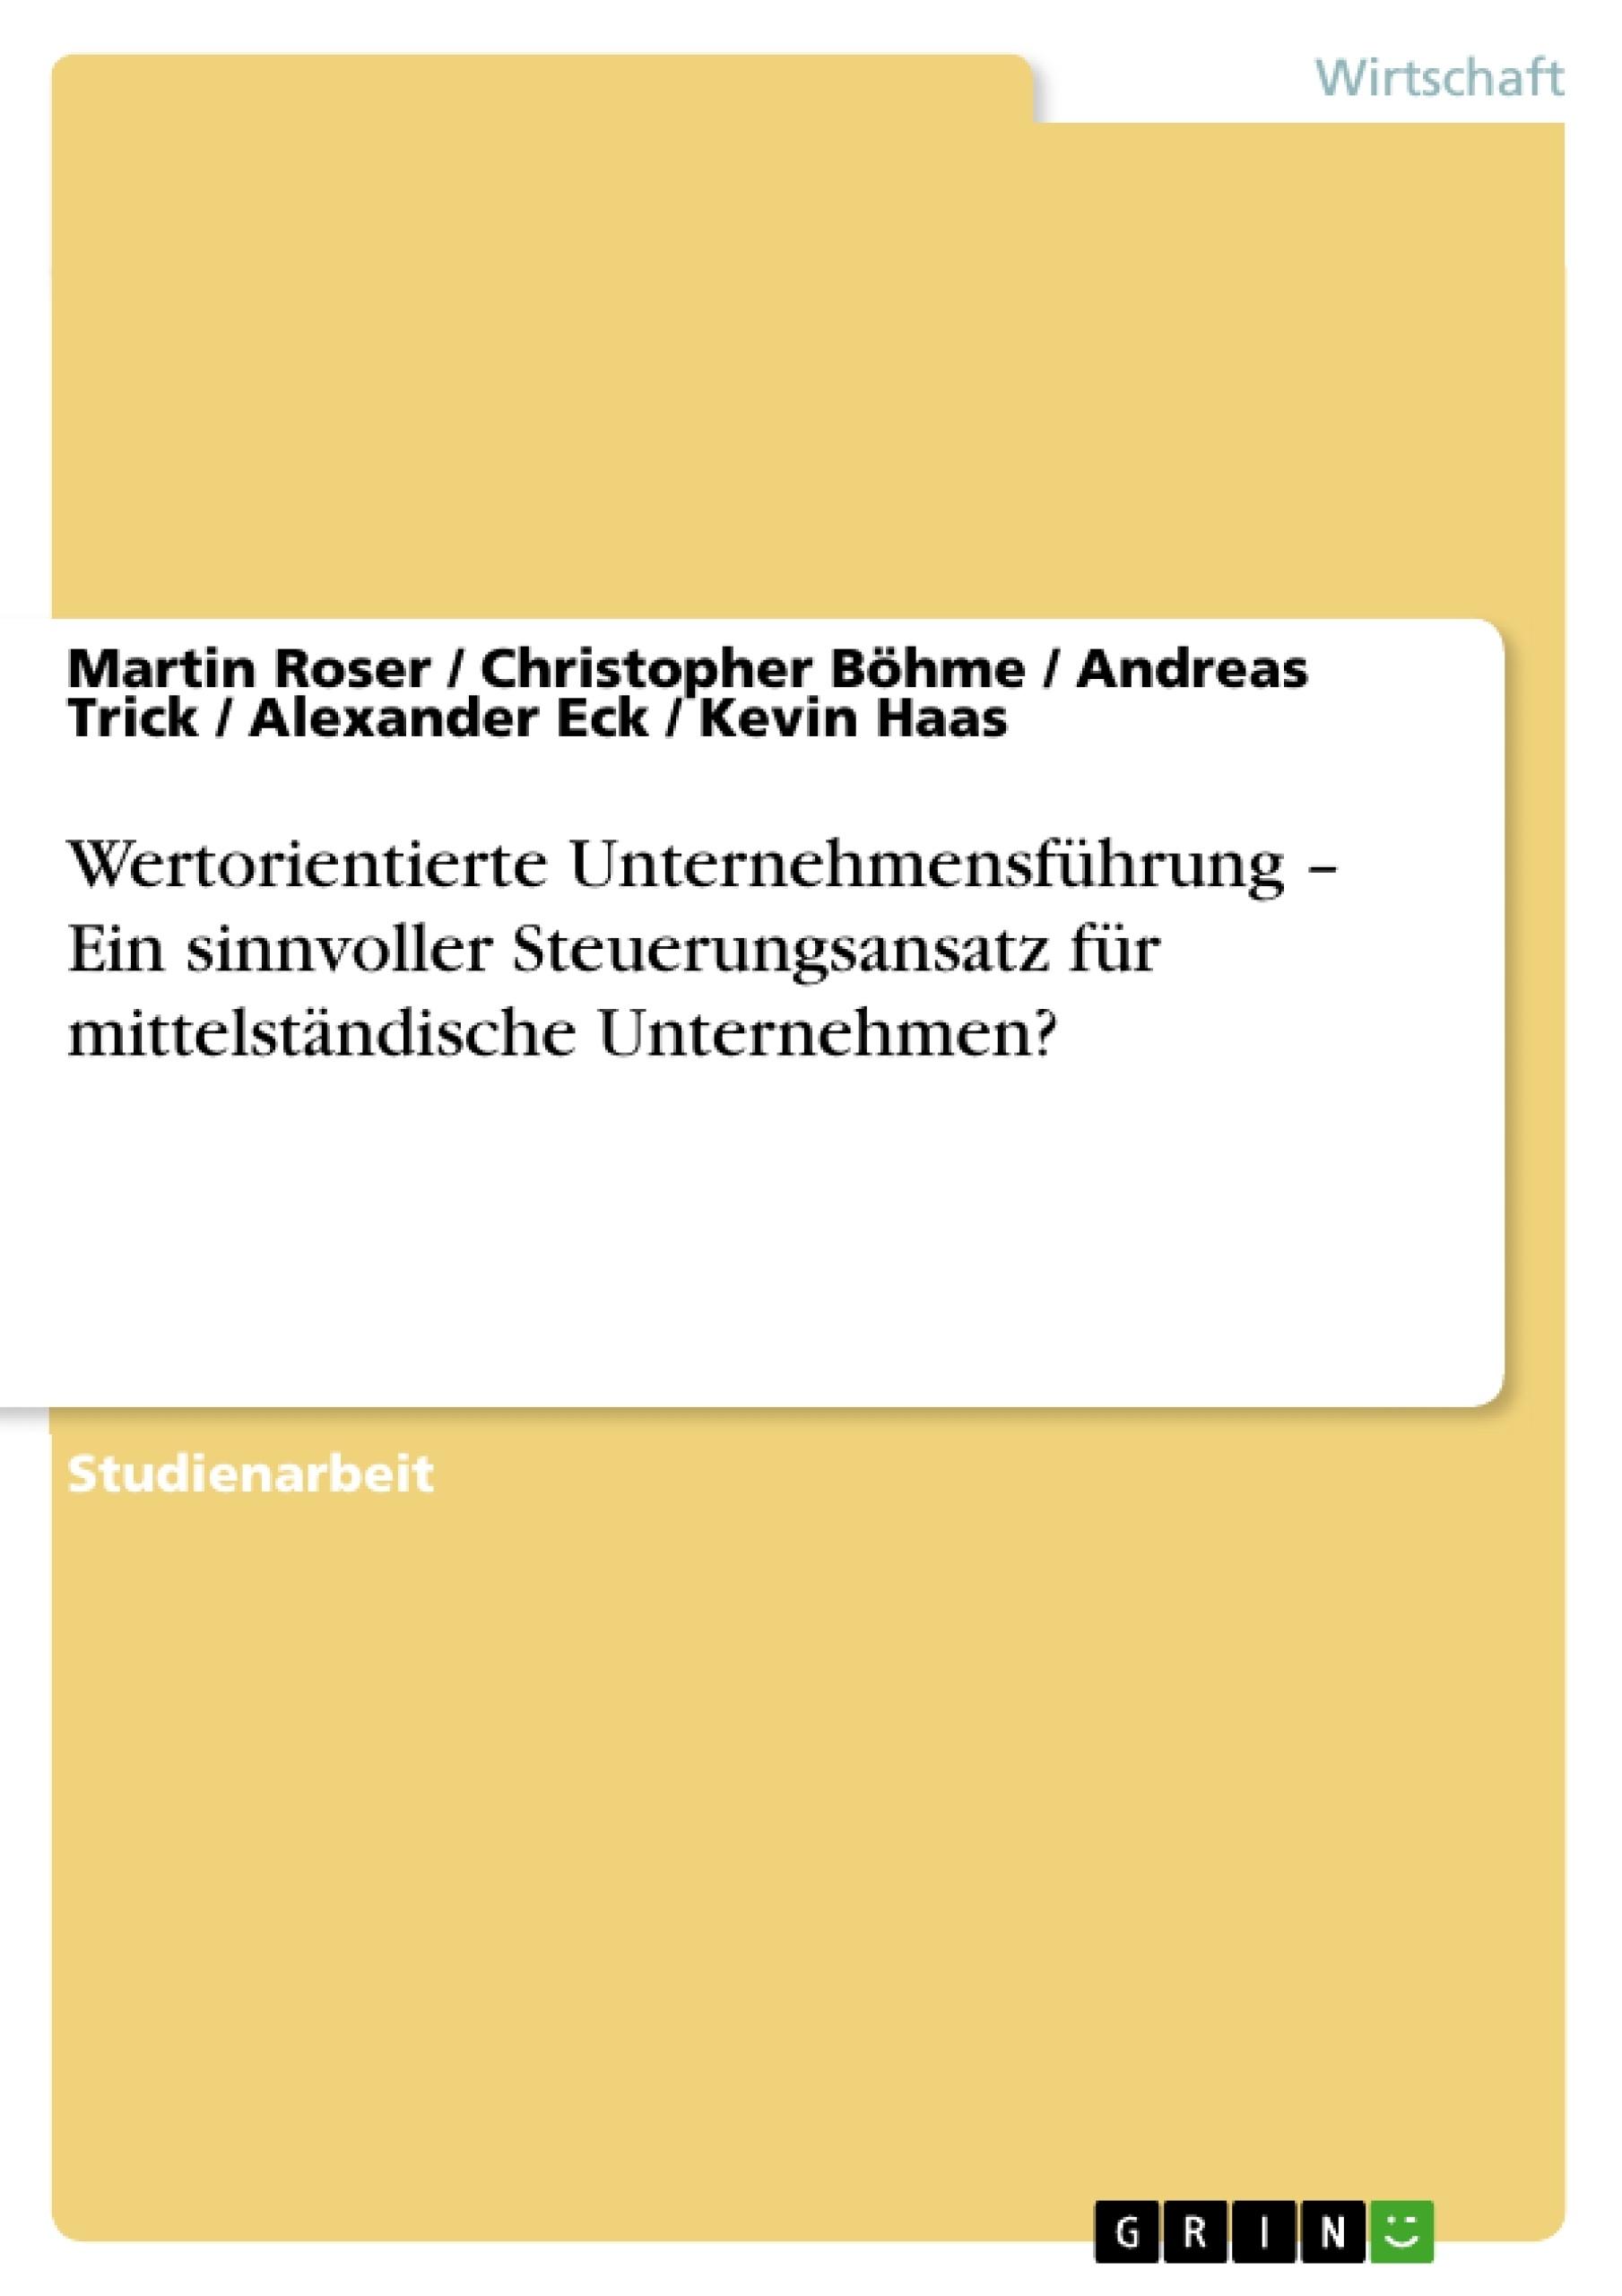 Titel: Wertorientierte Unternehmensführung – Ein sinnvoller Steuerungsansatz für mittelständische Unternehmen?